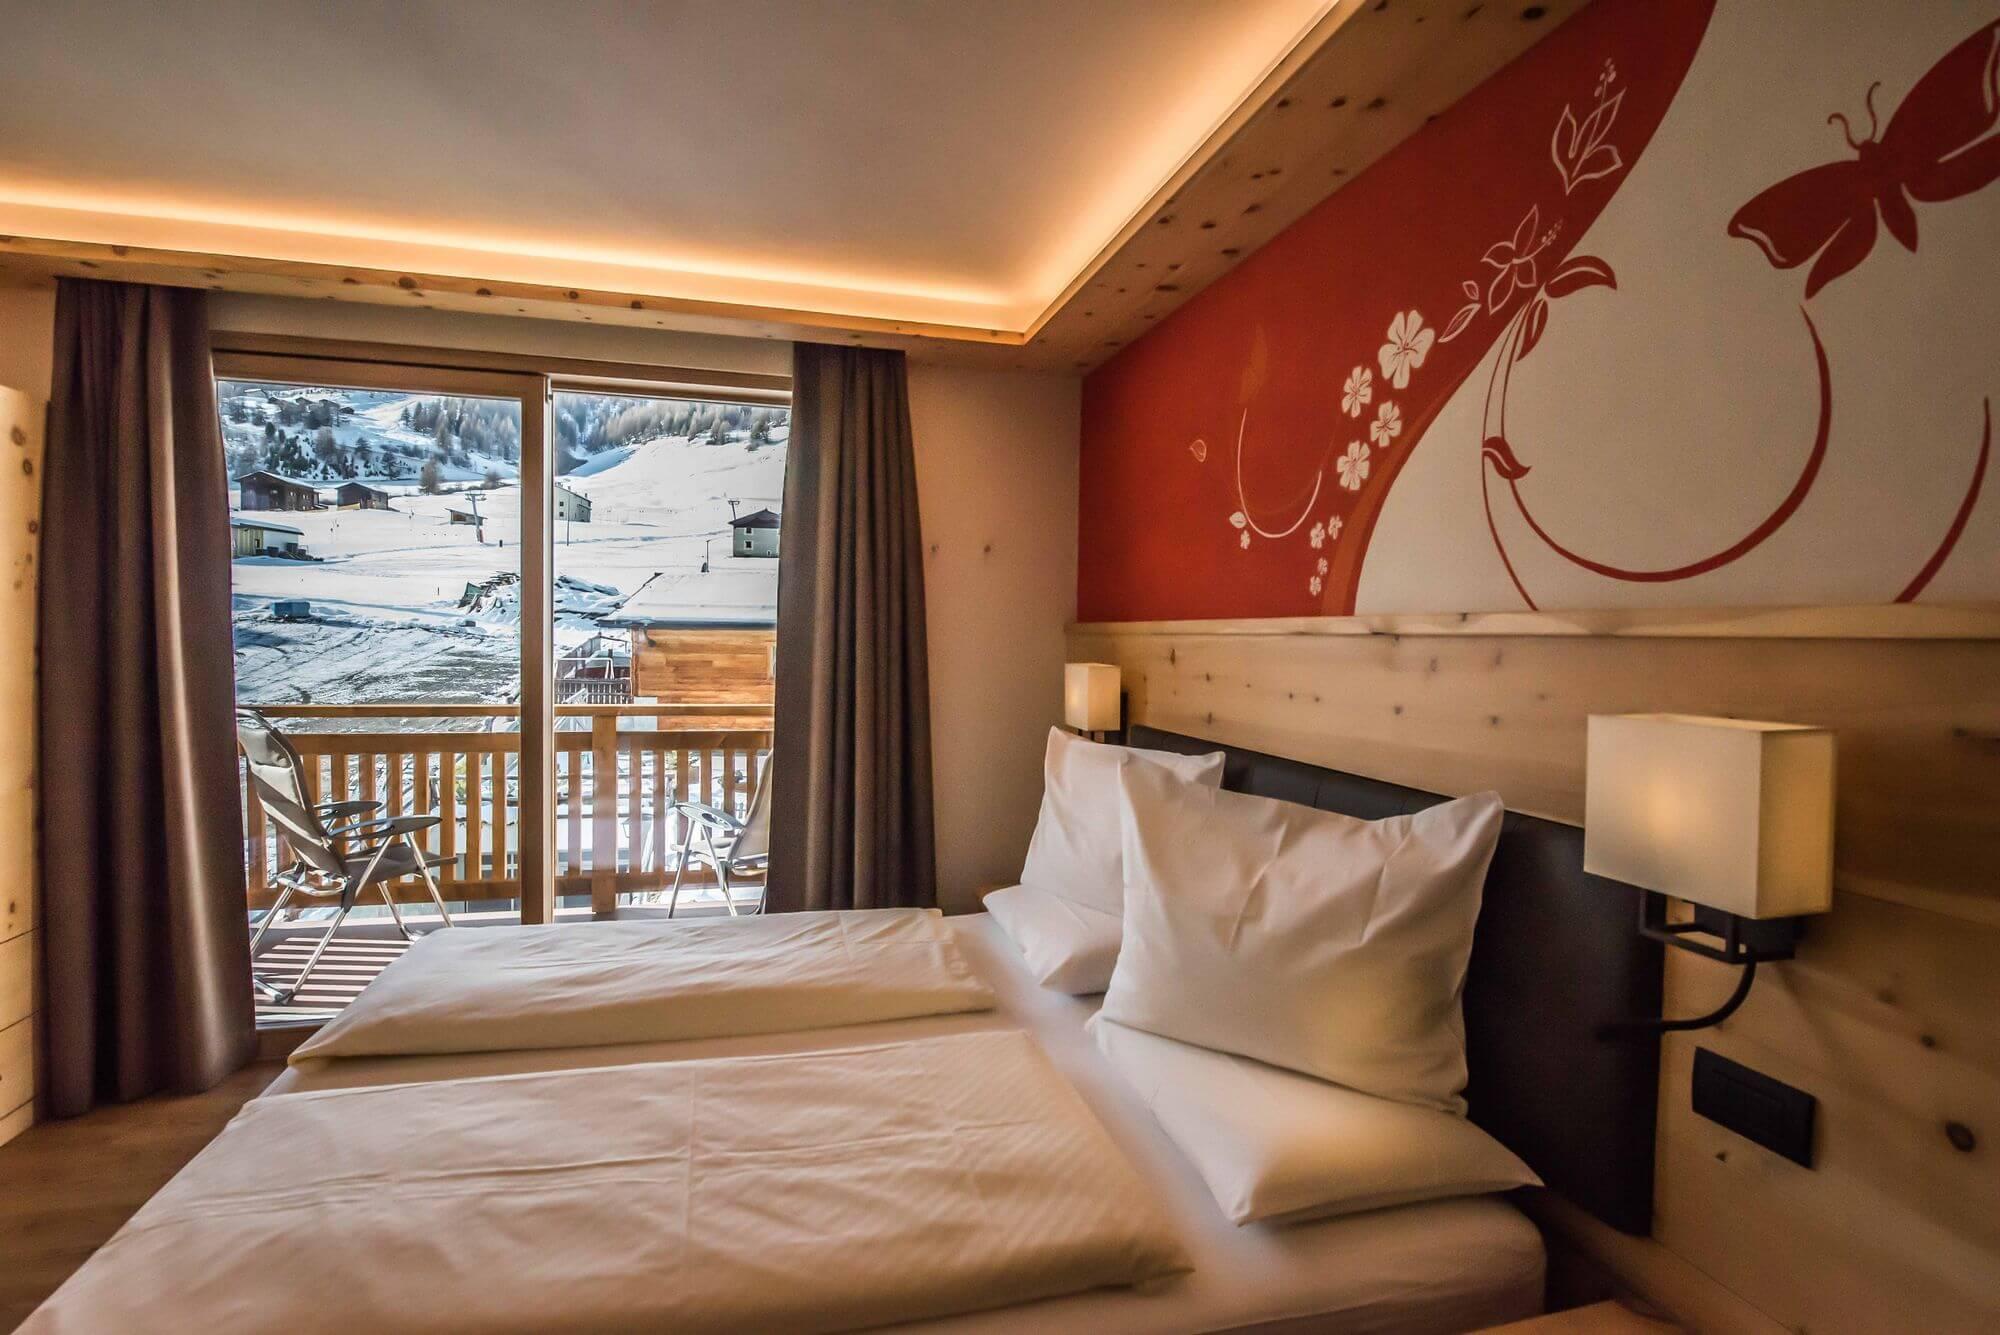 Ambiente caldo e accogliente: Hotel Le Alpi a Livigno